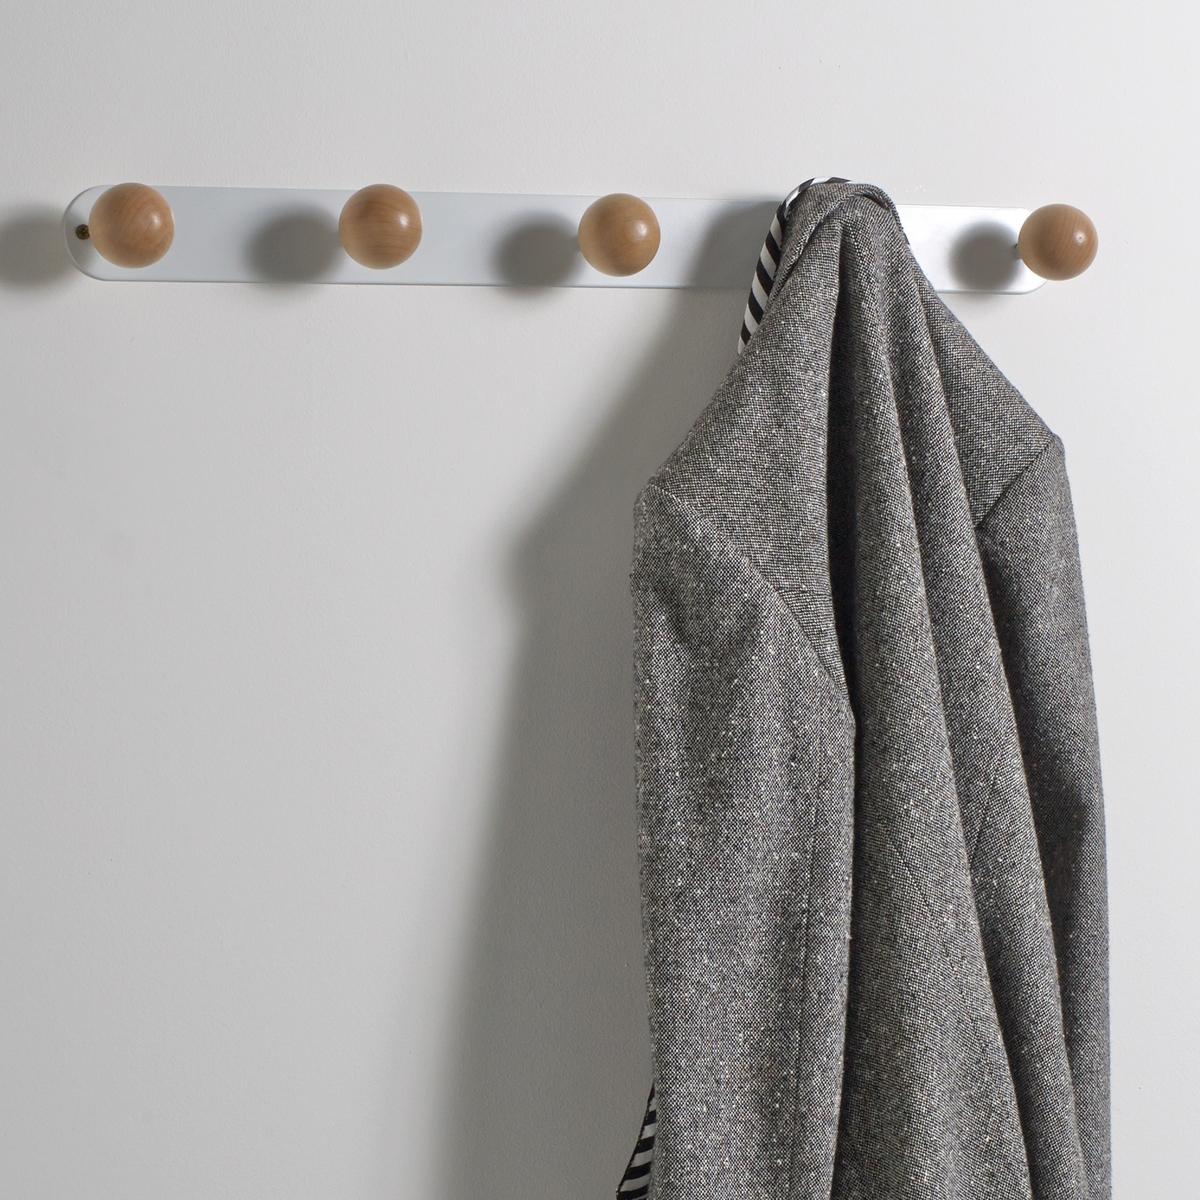 Вешалка настенная с 5 крючками AGAMAОписание вешалки AGAMA:Вешалка с 5 округлыми крючками для крепления к стене (крепежные элементы не входят в комплект).Вешалка требует самостоятельного монтажа.Характеристики вешалки AGAMA: 5 крючков в форме шаров из натуральной березы.Каркас вешалки из металла с матовой отделкой.Размеры вешалки AGAMA:Длина: 80 см.Глубина: 7,5 см.Высота: 5,2 см.<br><br>Цвет: белый,черный